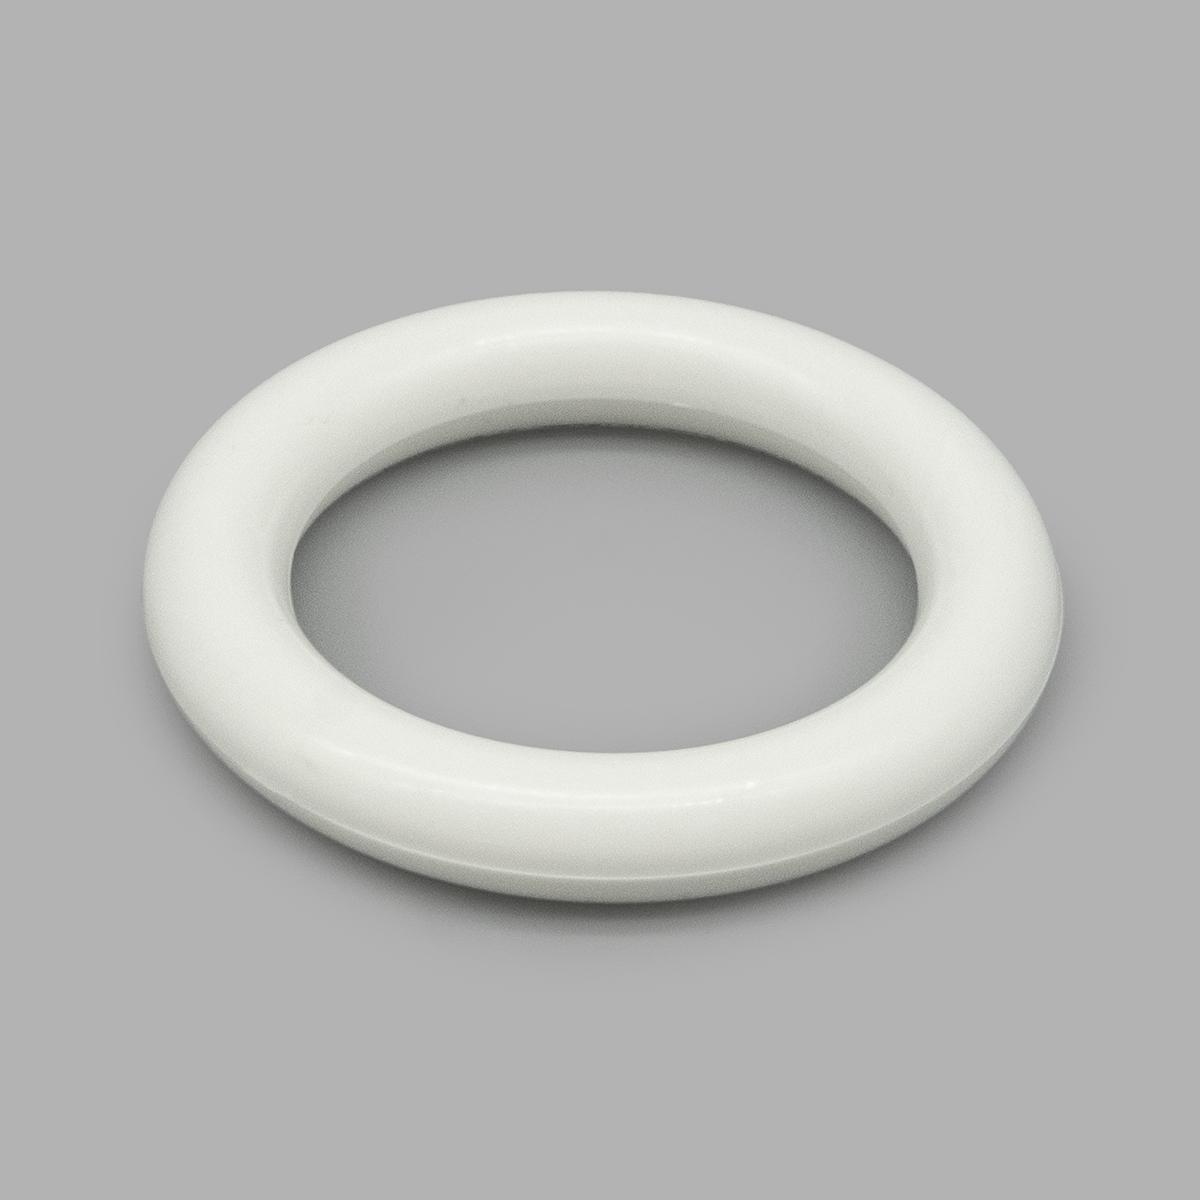 711 Кольцо для карнизов, белый, d=55/37 мм, упак./50 шт.